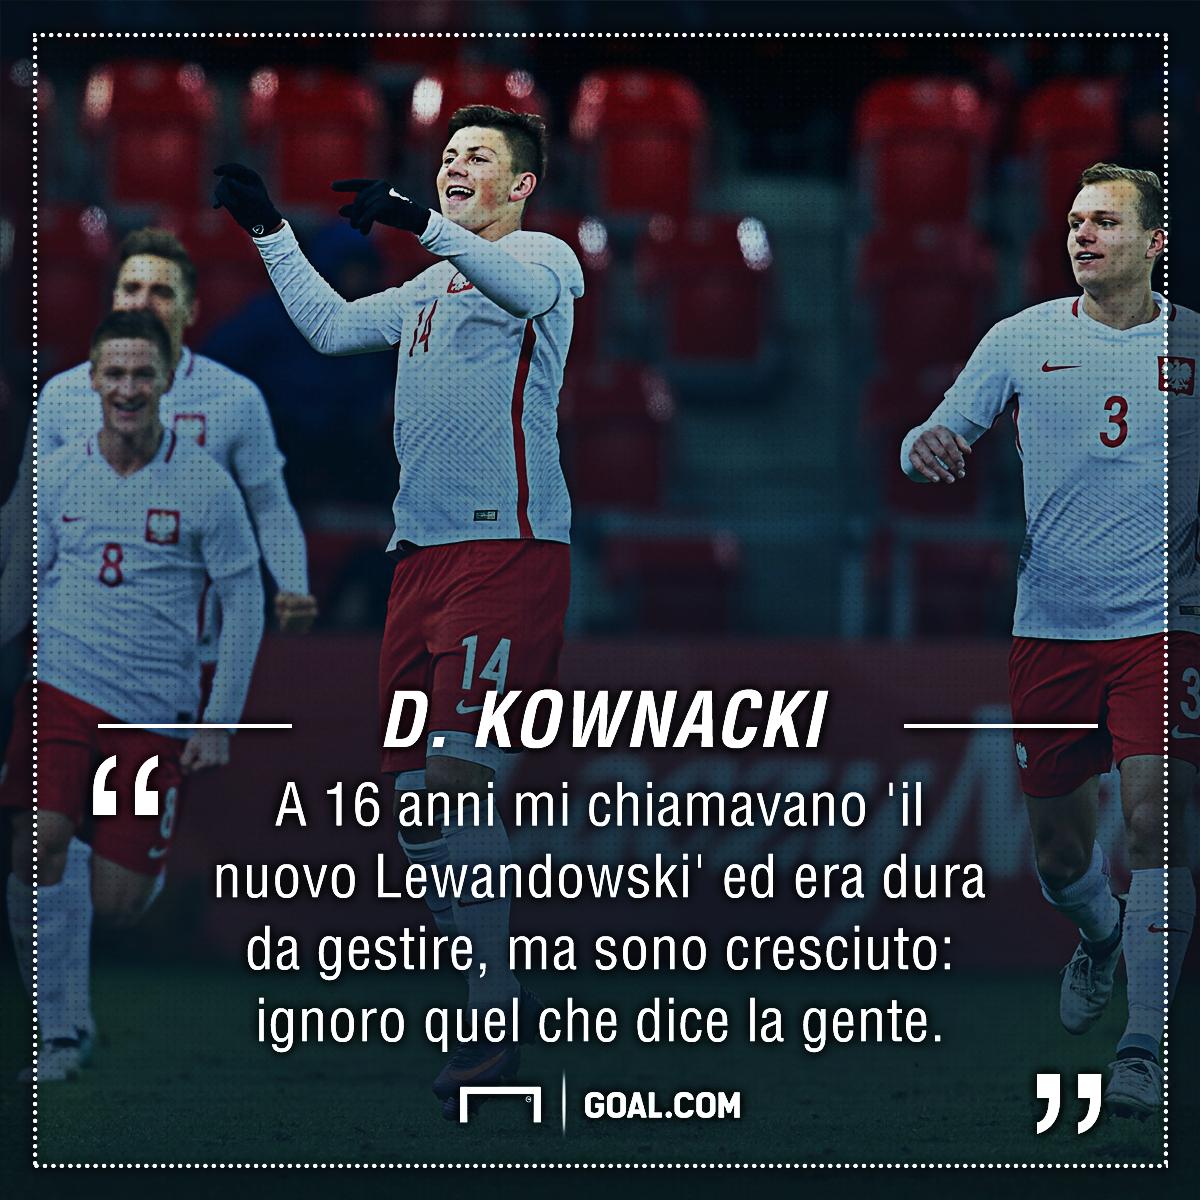 Kownacki: